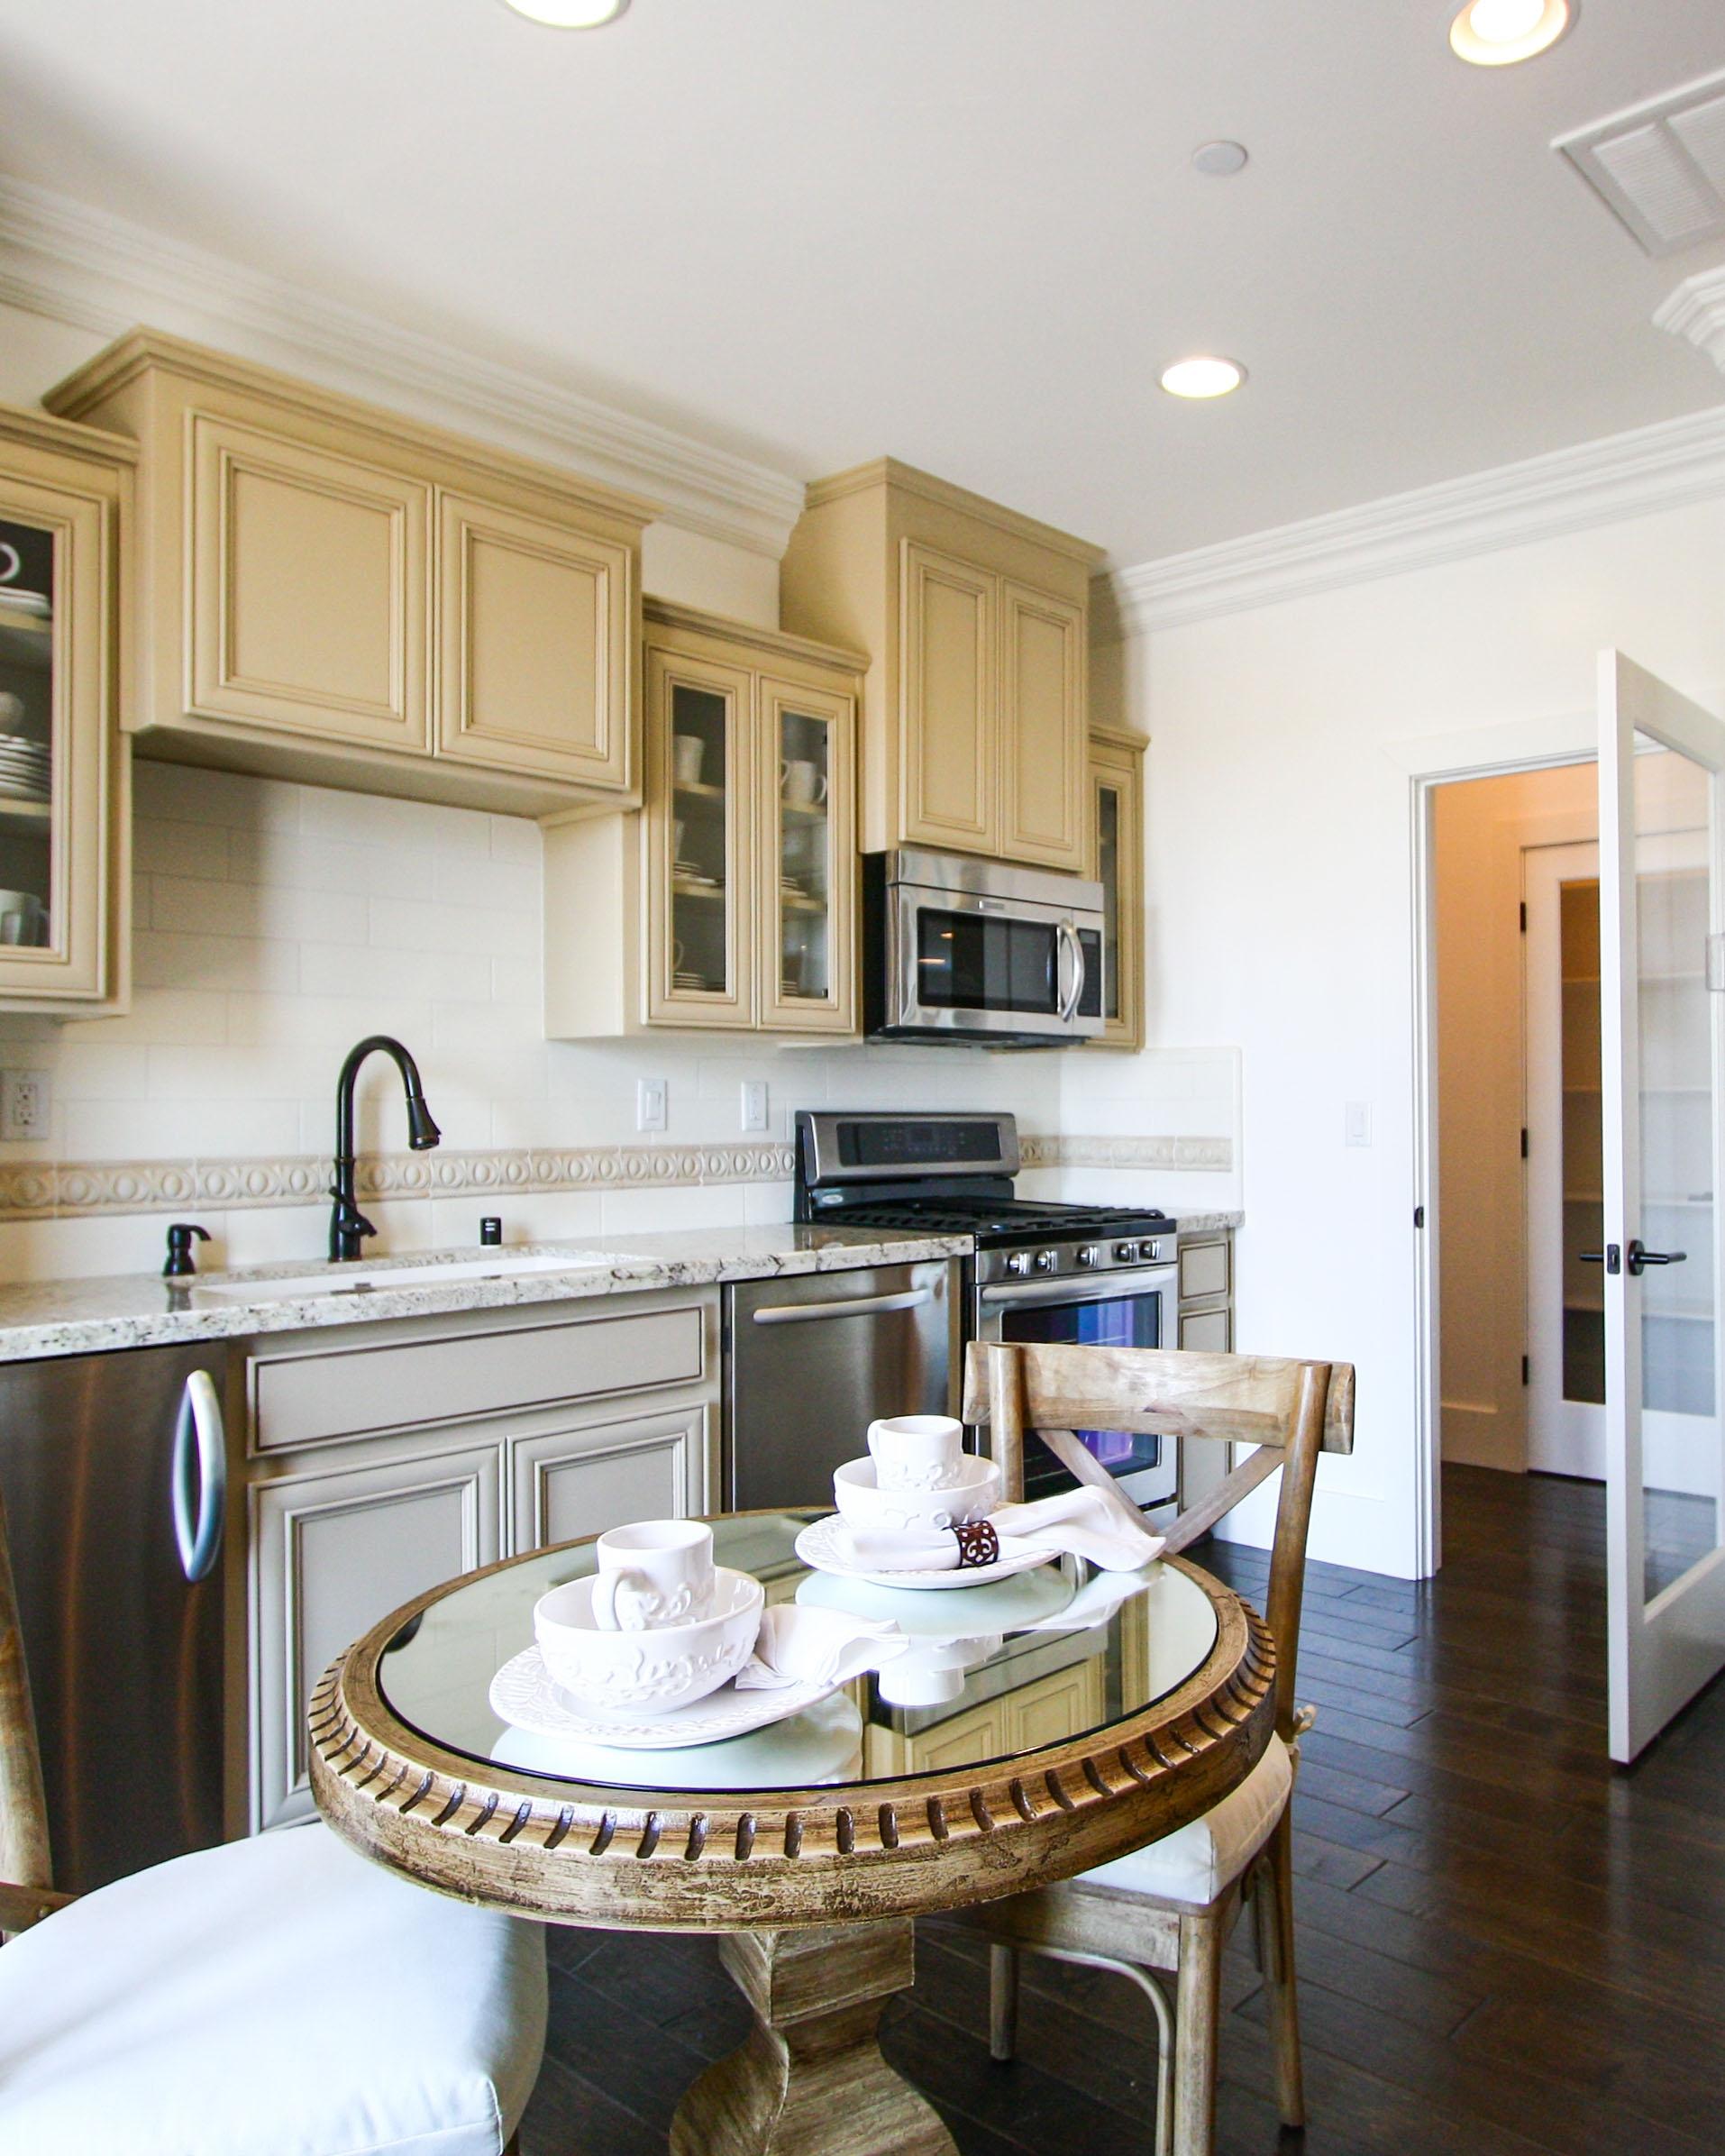 Model home furniture for sale roseville ca